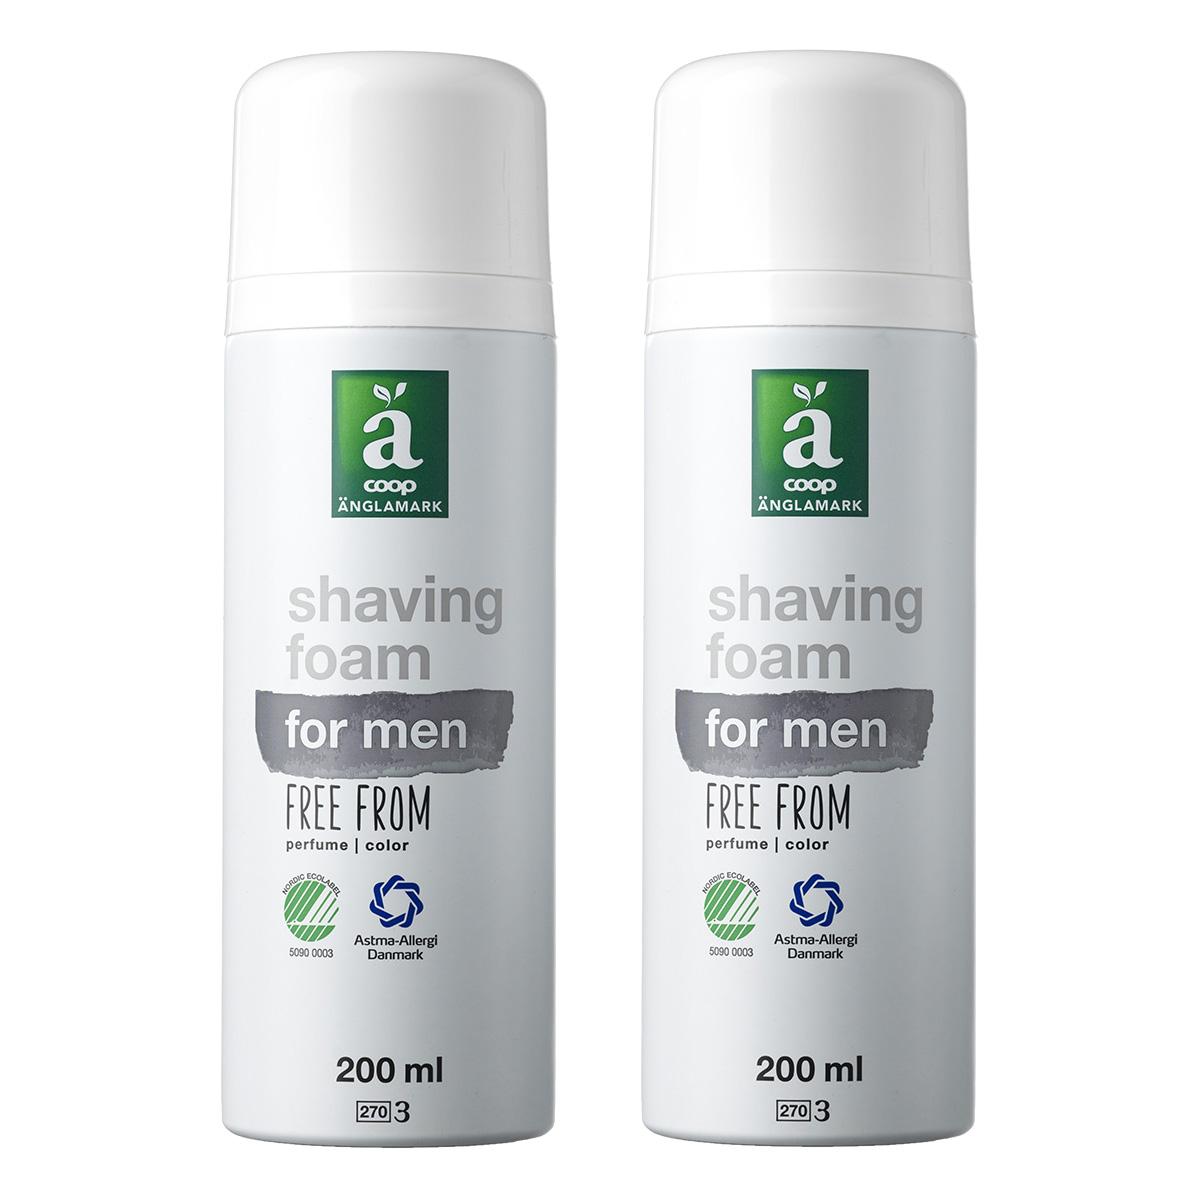 Billede af Änglamark Shaving foam for men - 2 x 200 ml